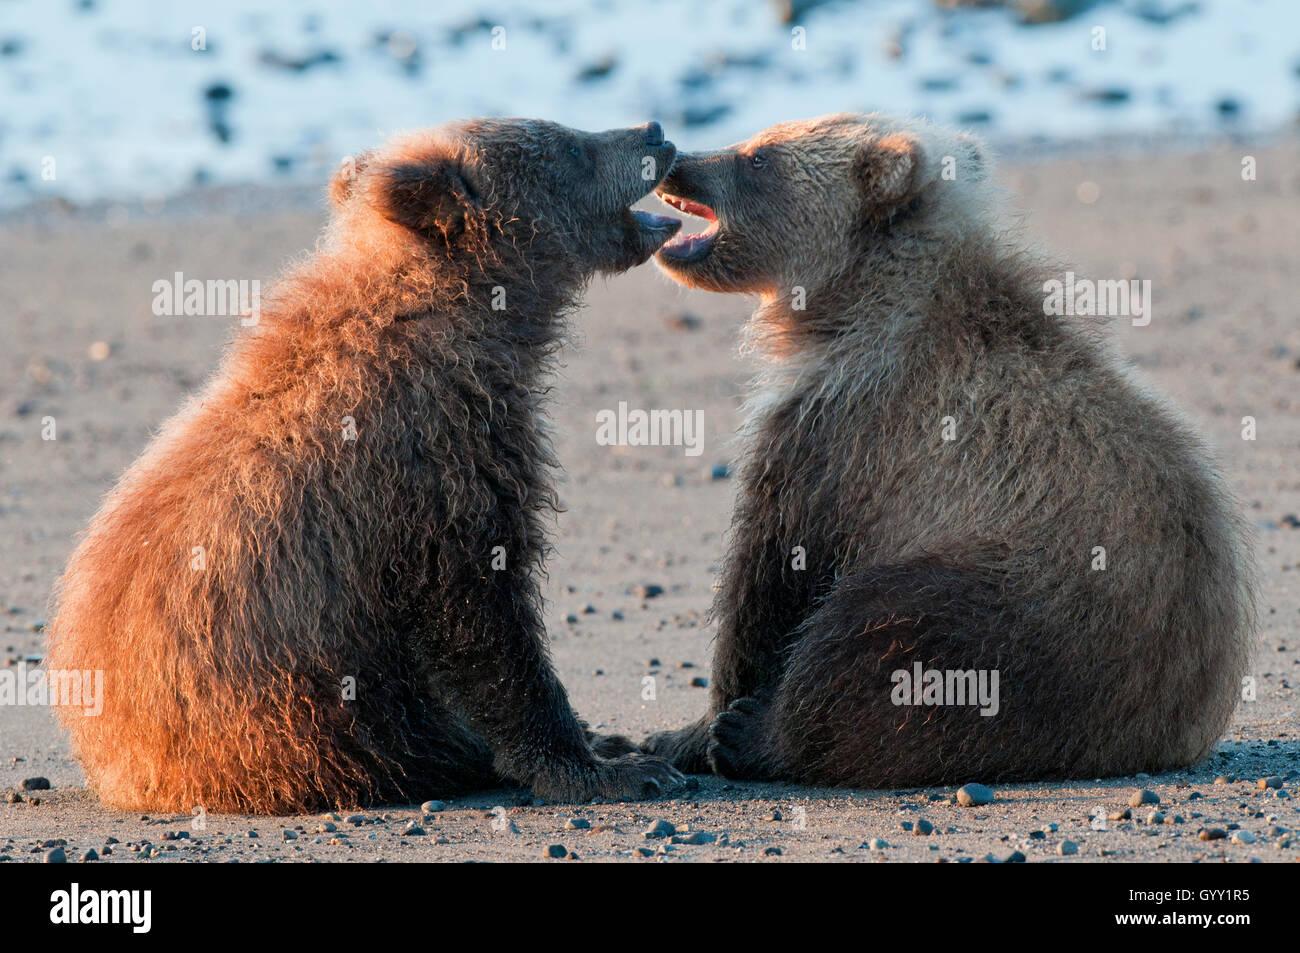 Crías de oso pardo (Ursus arctos) jugando en el Parque Nacional Lake Clark, Alaska Foto de stock